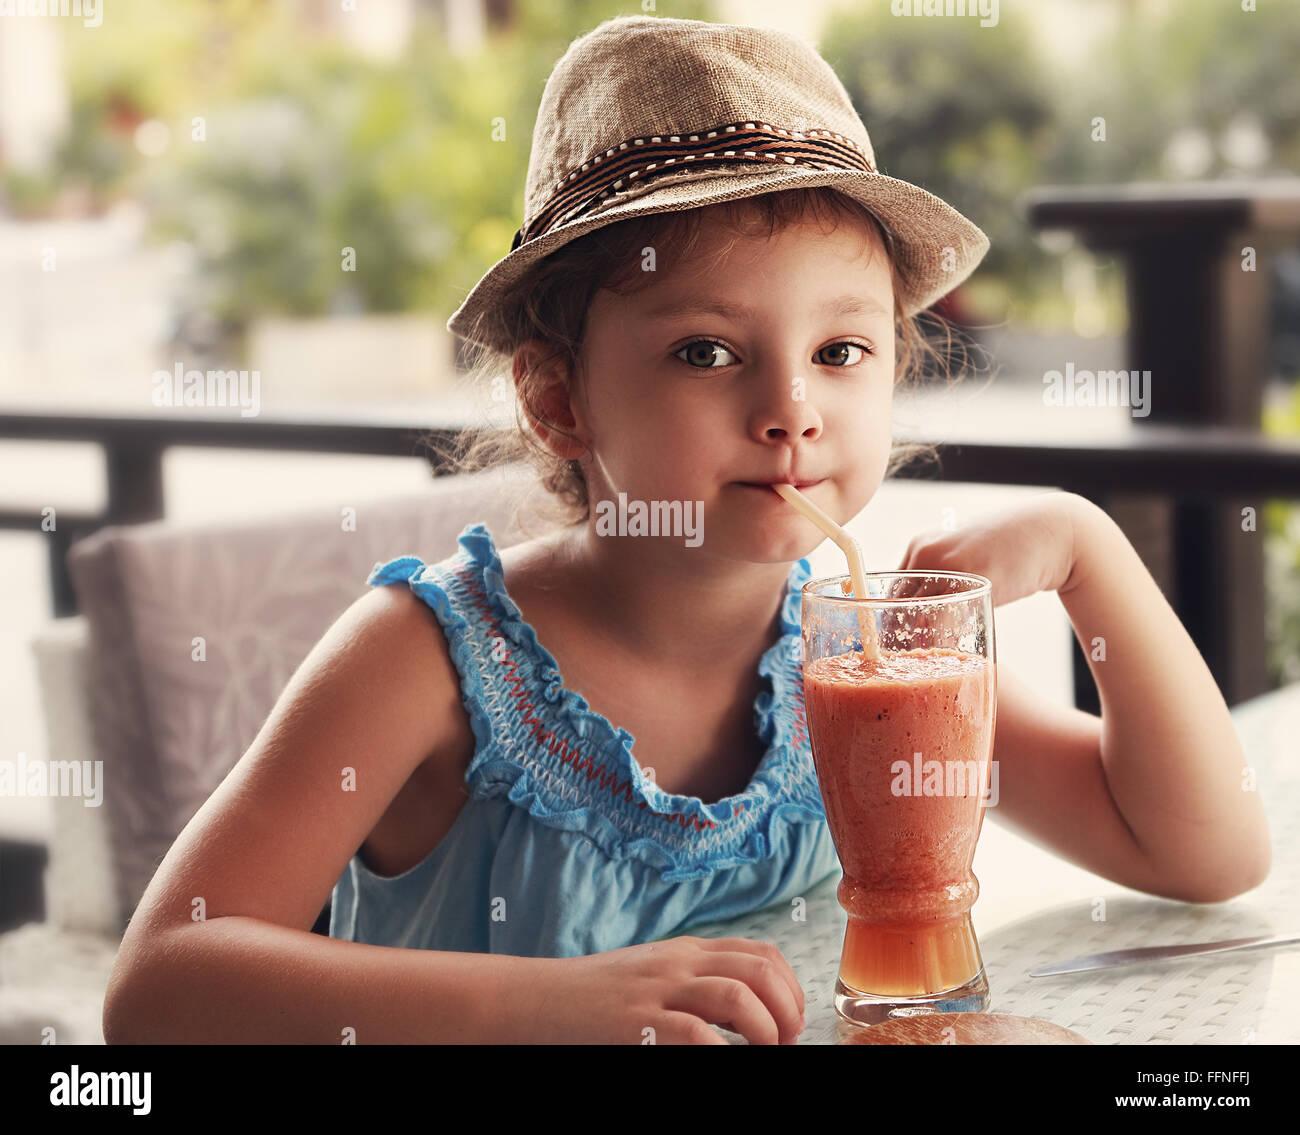 Chico divertido chica de moda hat beber jugo de batido en el restaurante de la calle. Tonificado closeup retrato Imagen De Stock